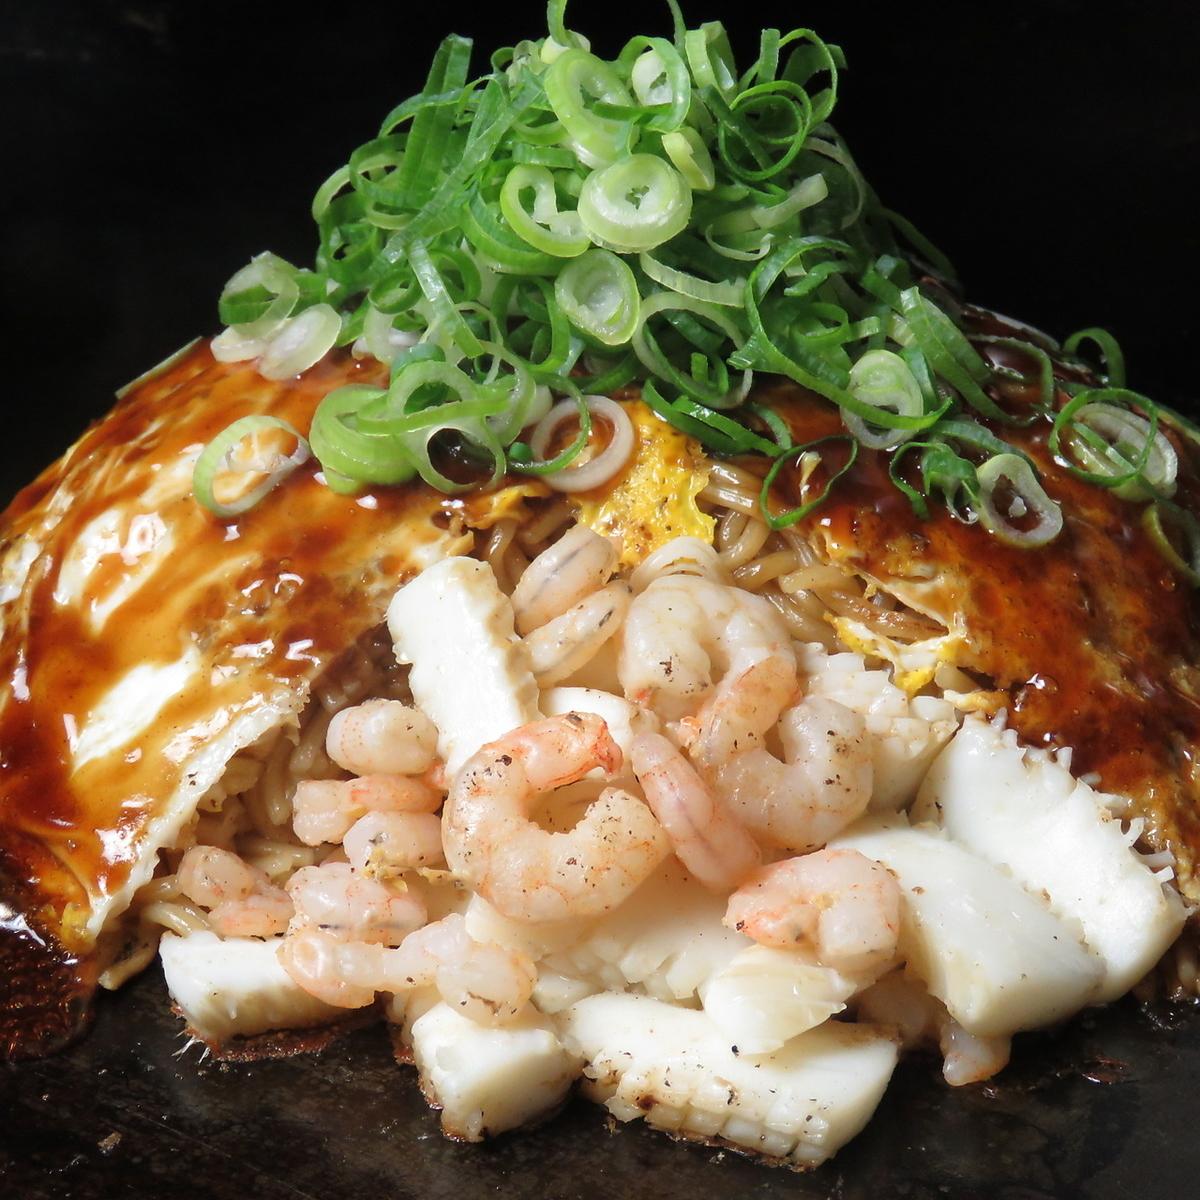 喜好烧(虾,鱿鱼,山羊,荞麦面或乌冬面)